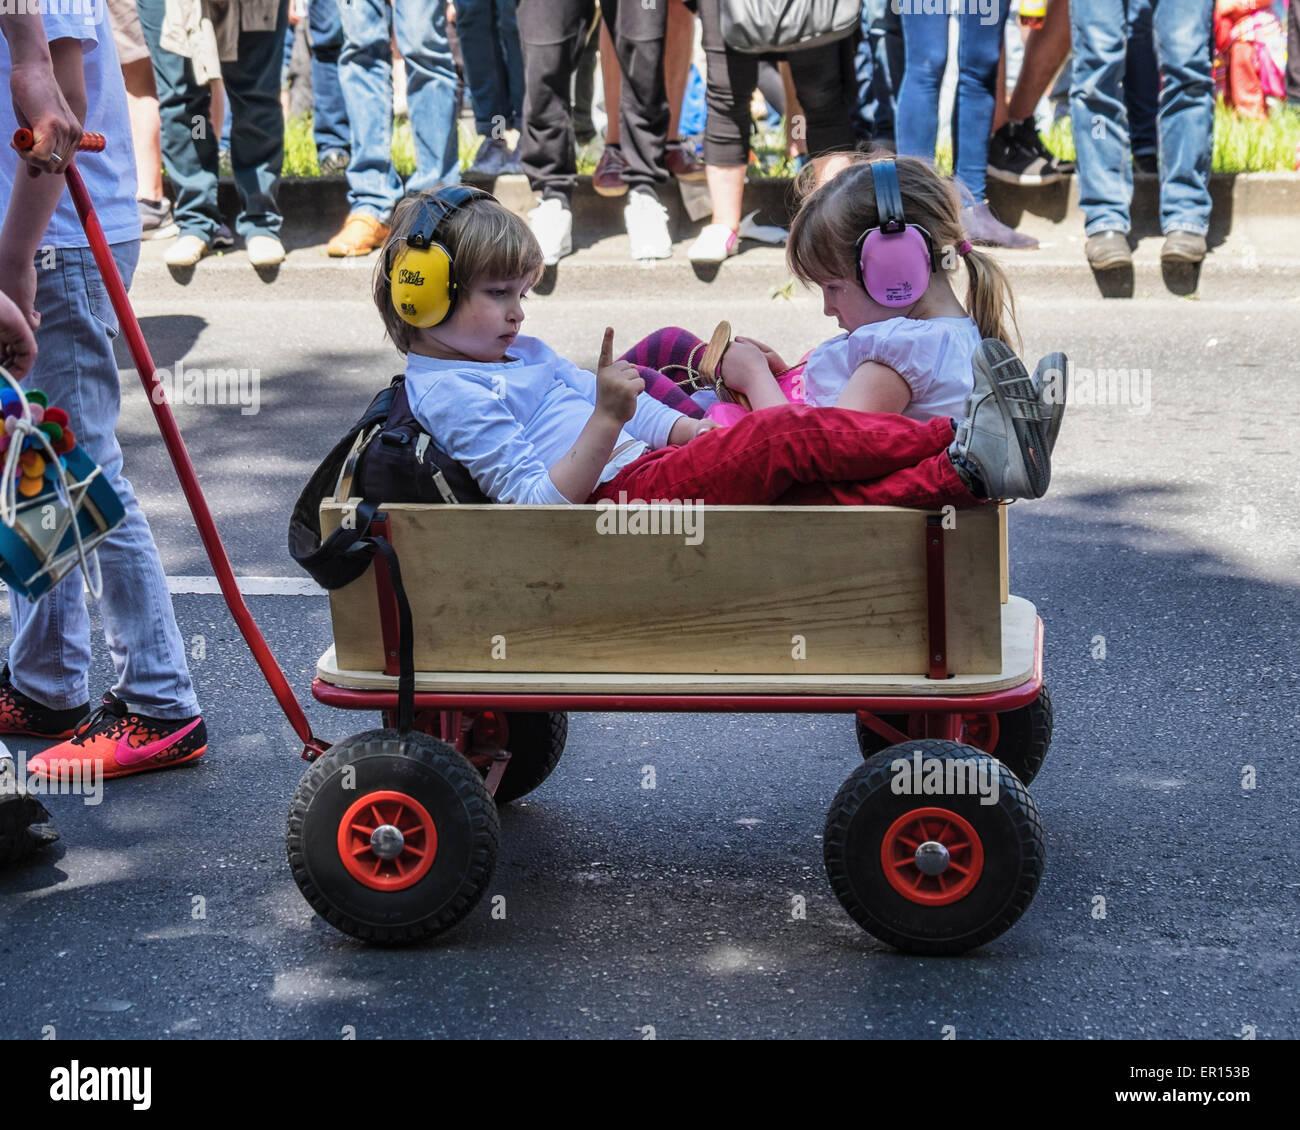 Kreuzberg, Berlin, Deutschland, 24. Mai 2015. Zwei kleine Kinder mit Ohrenschützer in Holz Wagen in die Parade als Stockfoto